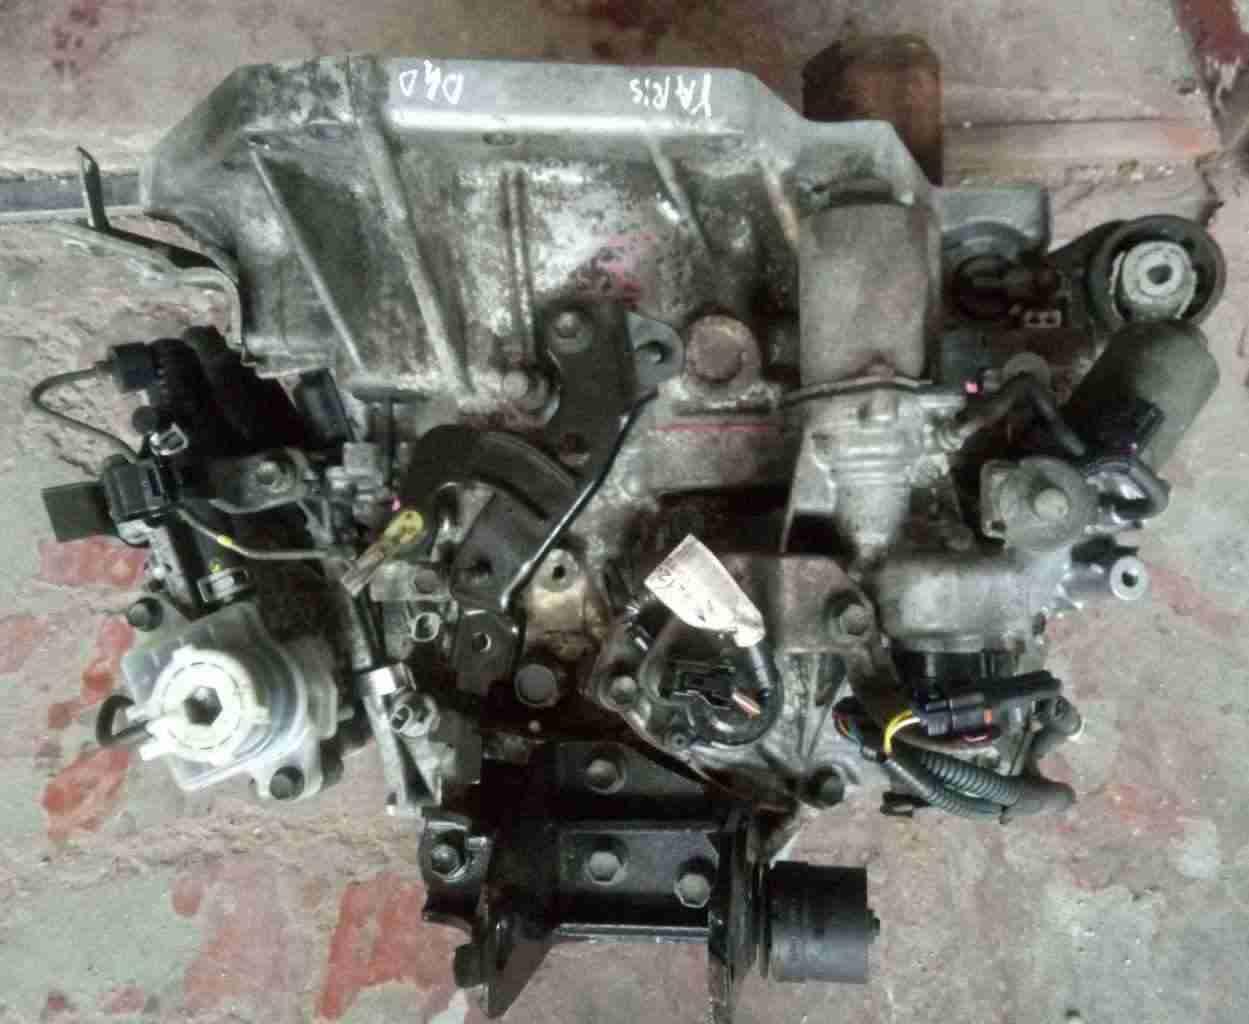 Cambio robotizzato Toyota Yaris D-4D anno 2011